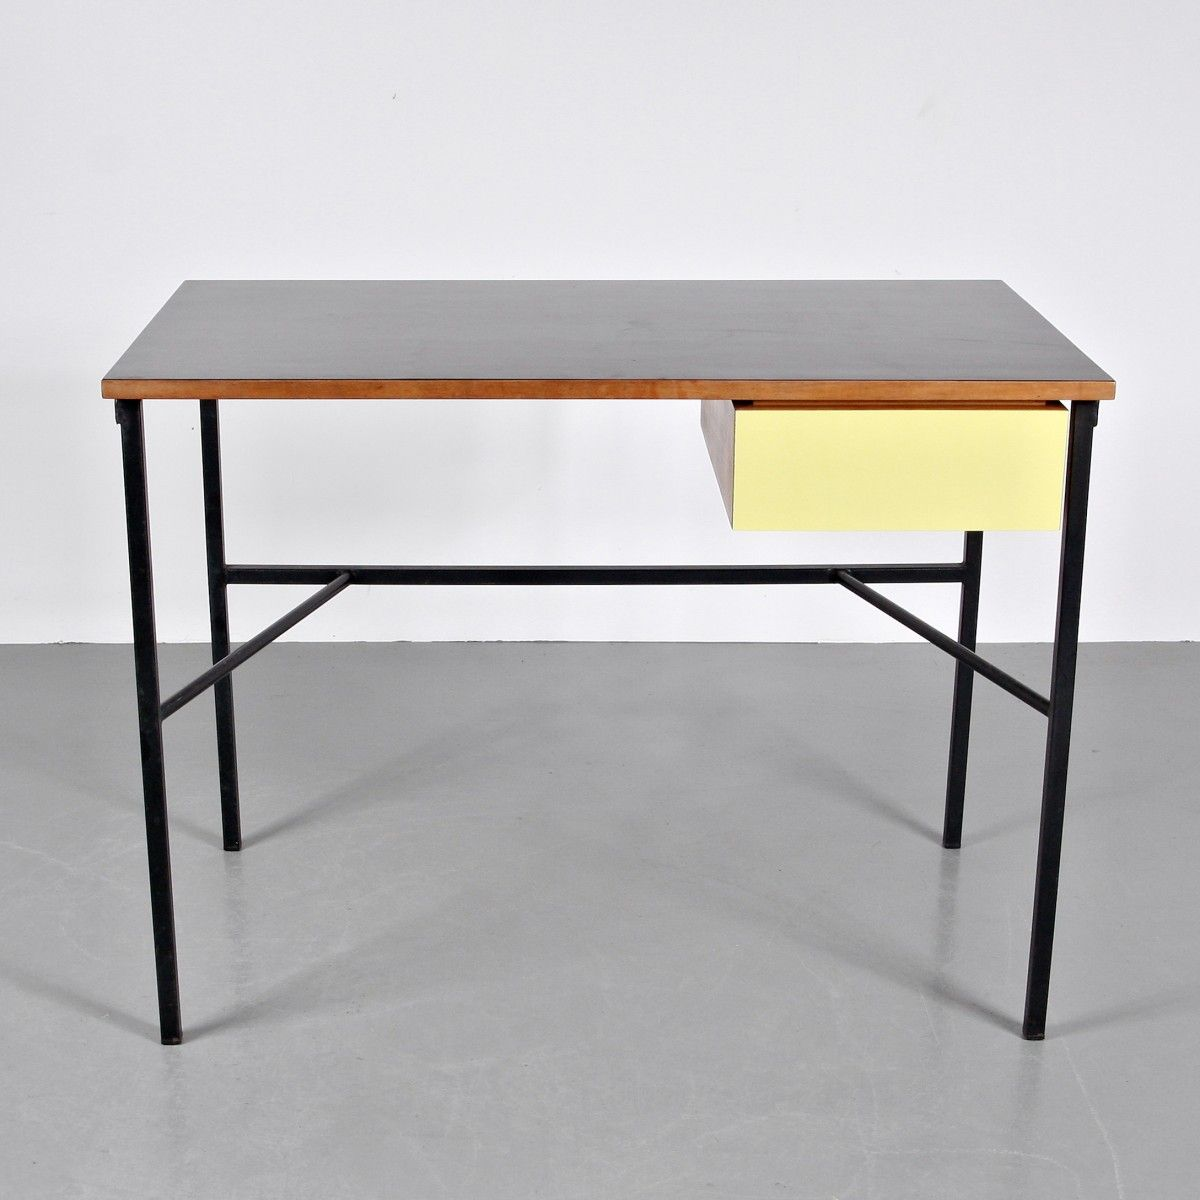 CM174 Schreibtisch Von Pierre Paulin Für Thonet, 1956